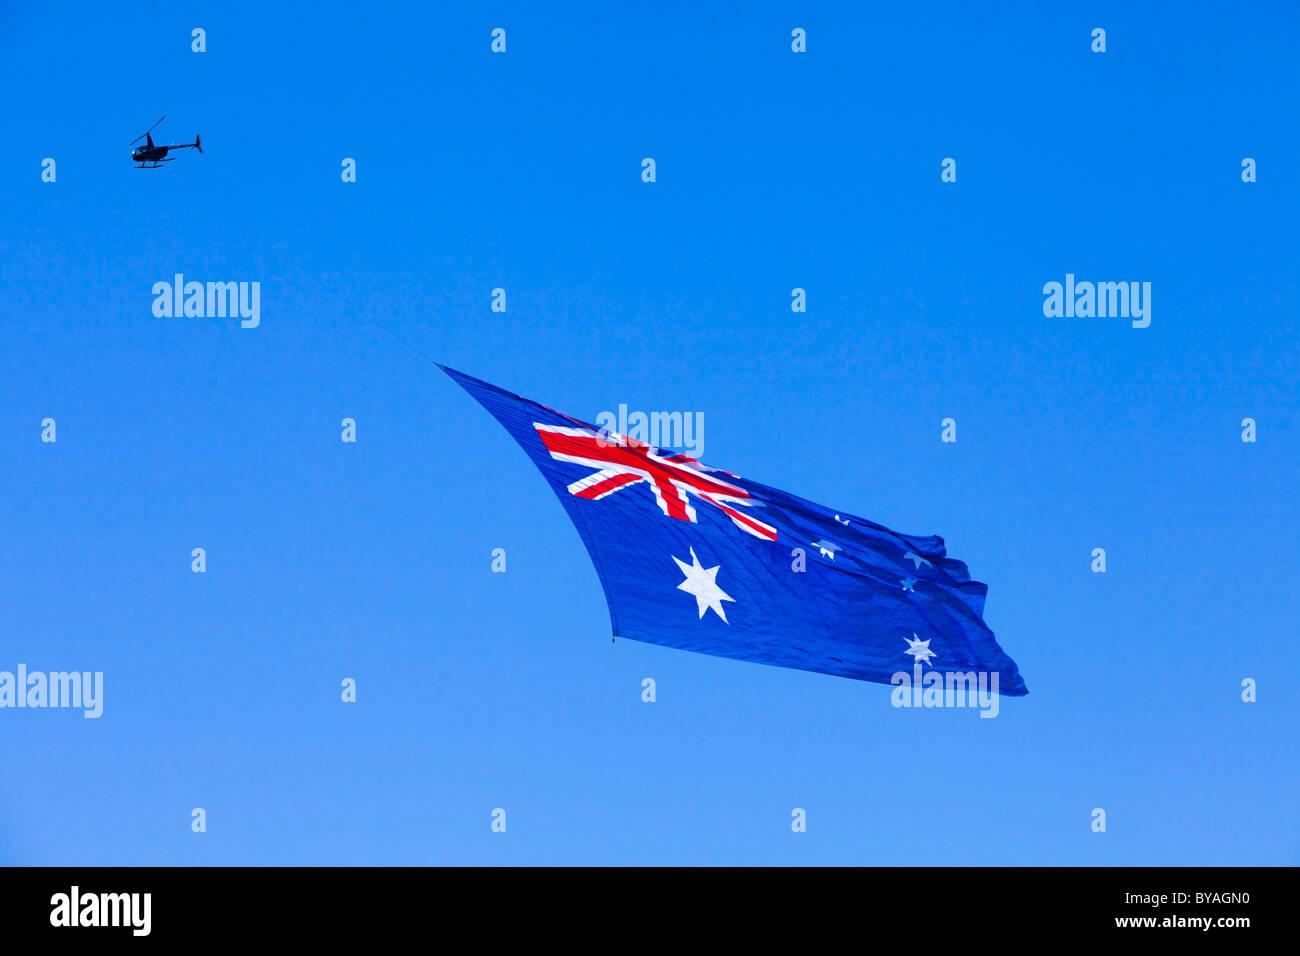 Giant bandiera australiana tirato da un elicottero. L'Australia Day, Perth, 2011 Immagini Stock